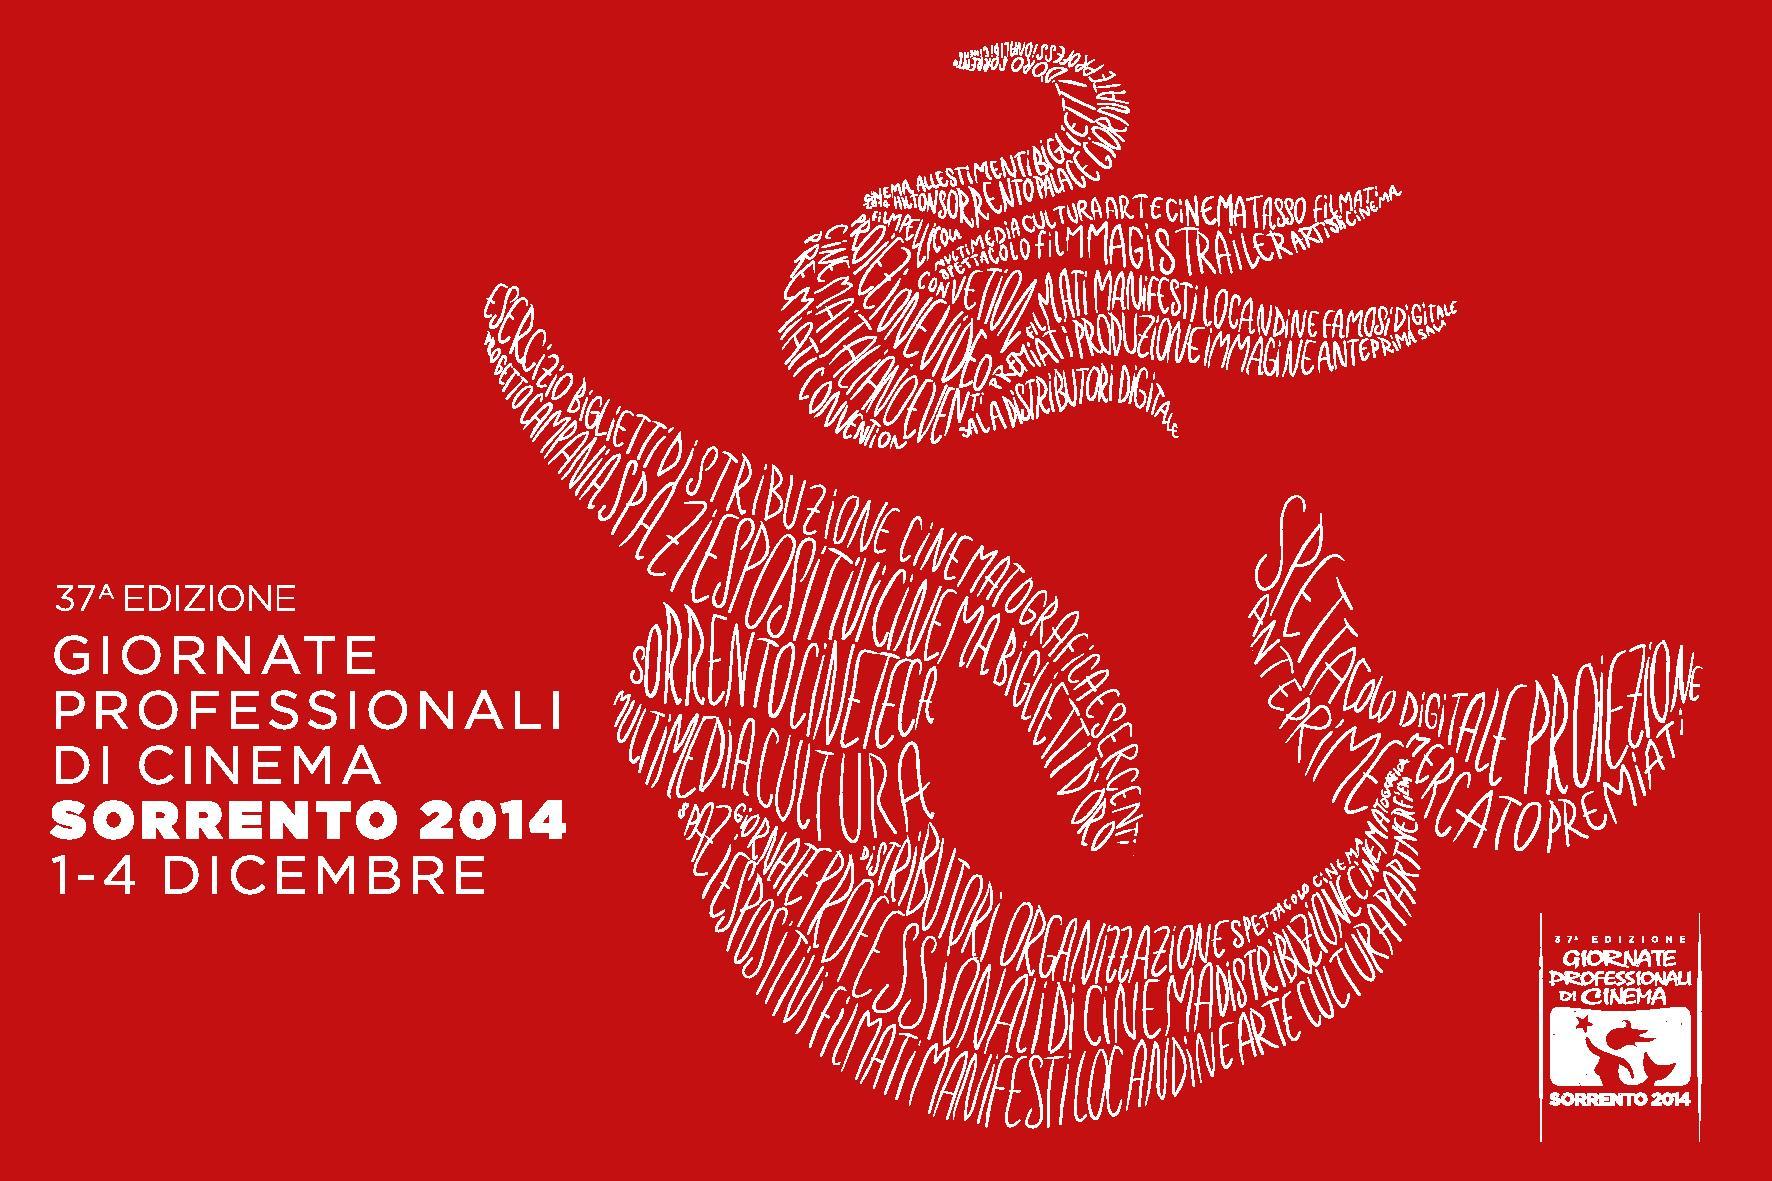 3X2_Giornate_Professionali_Sorrento_2014 copia-page-001